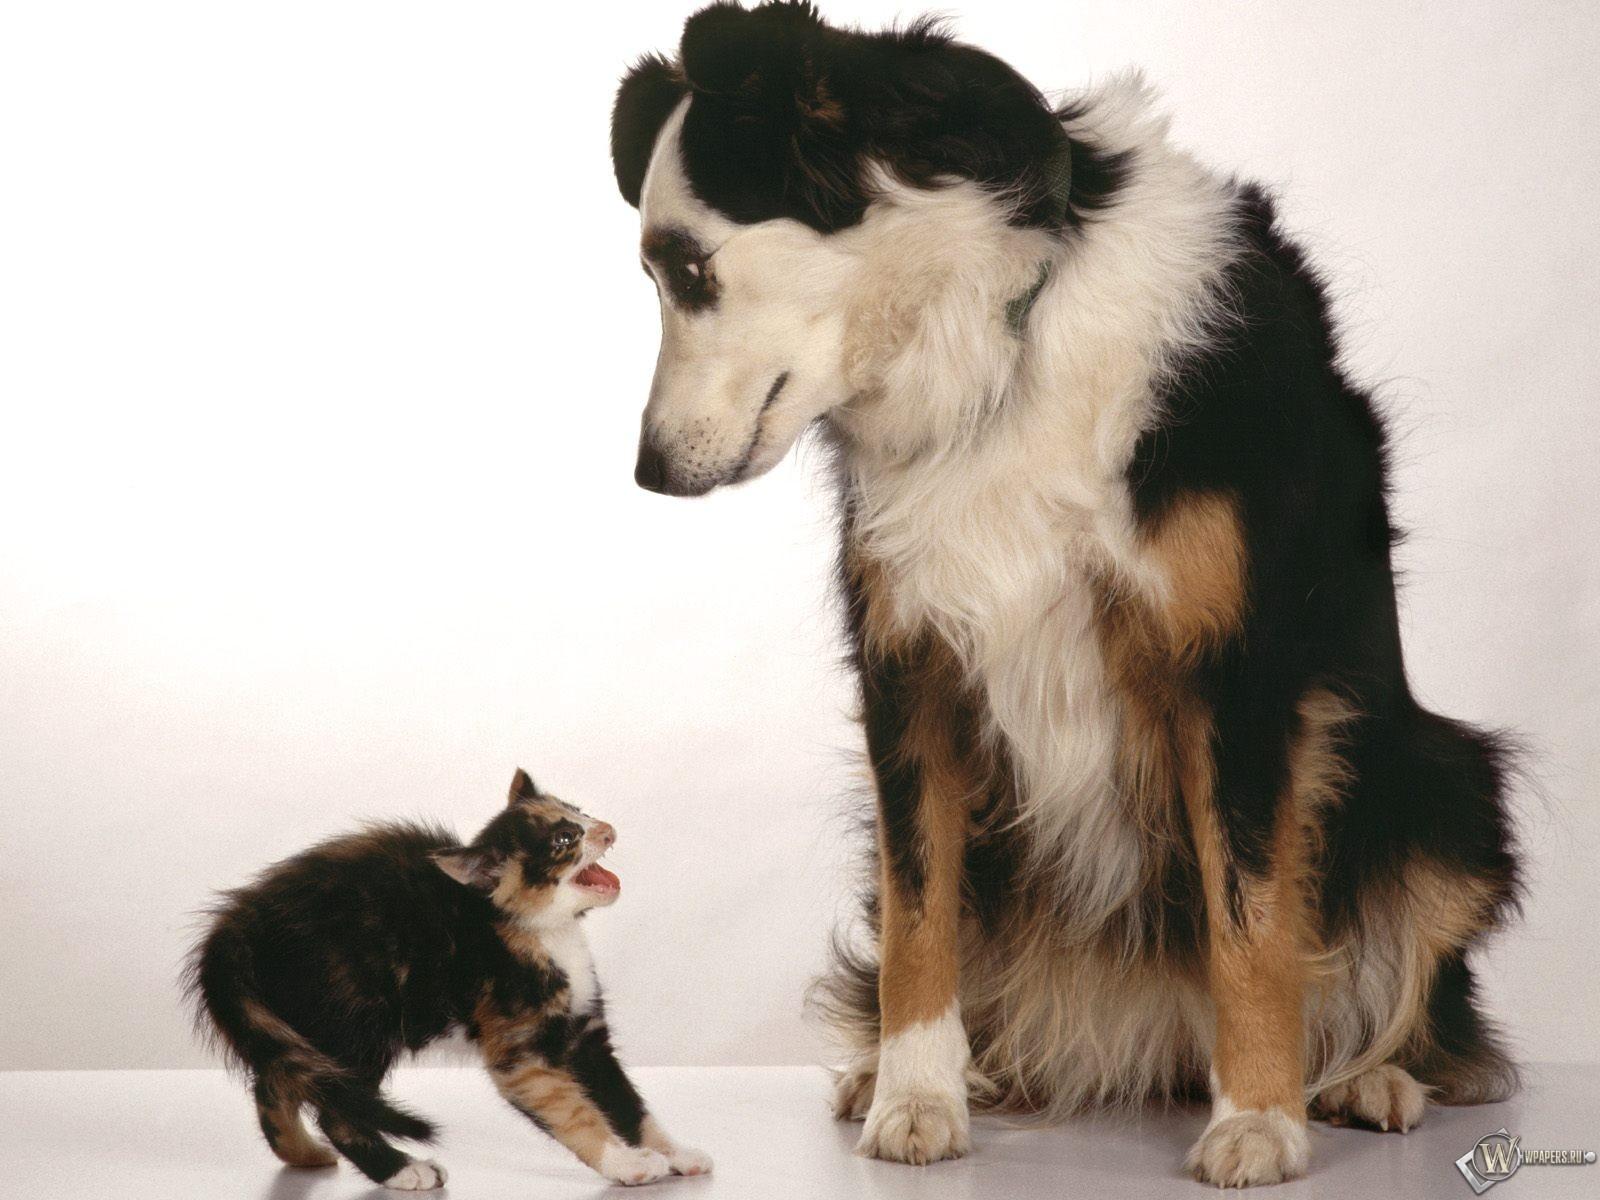 Котенок испугался собачки 1600x1200